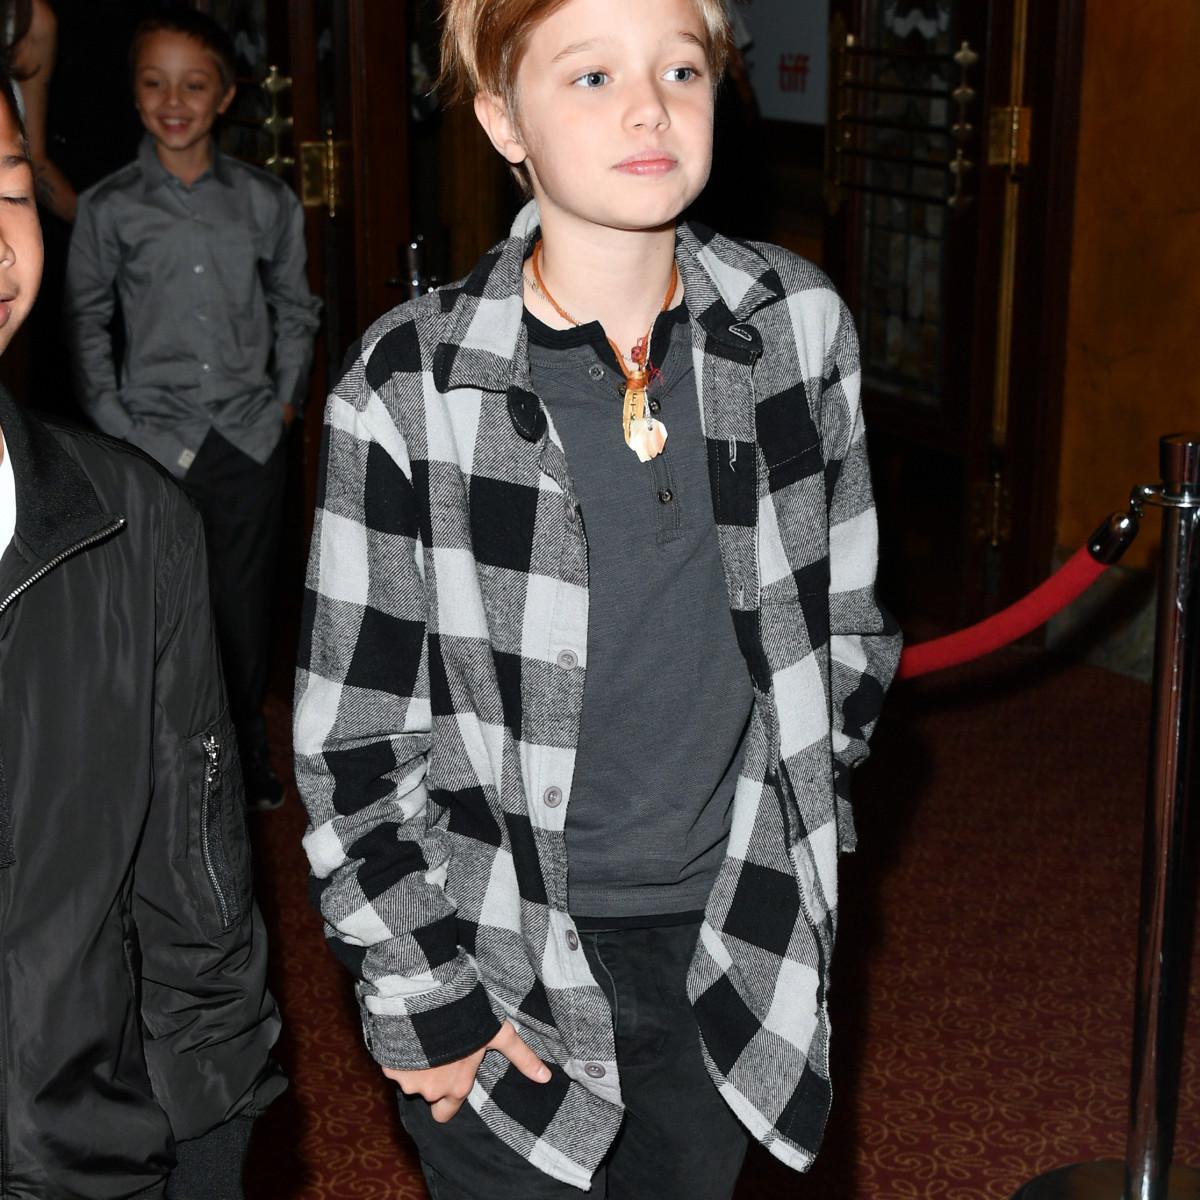 5 звездных детей, которых одевают в одежду другого пола